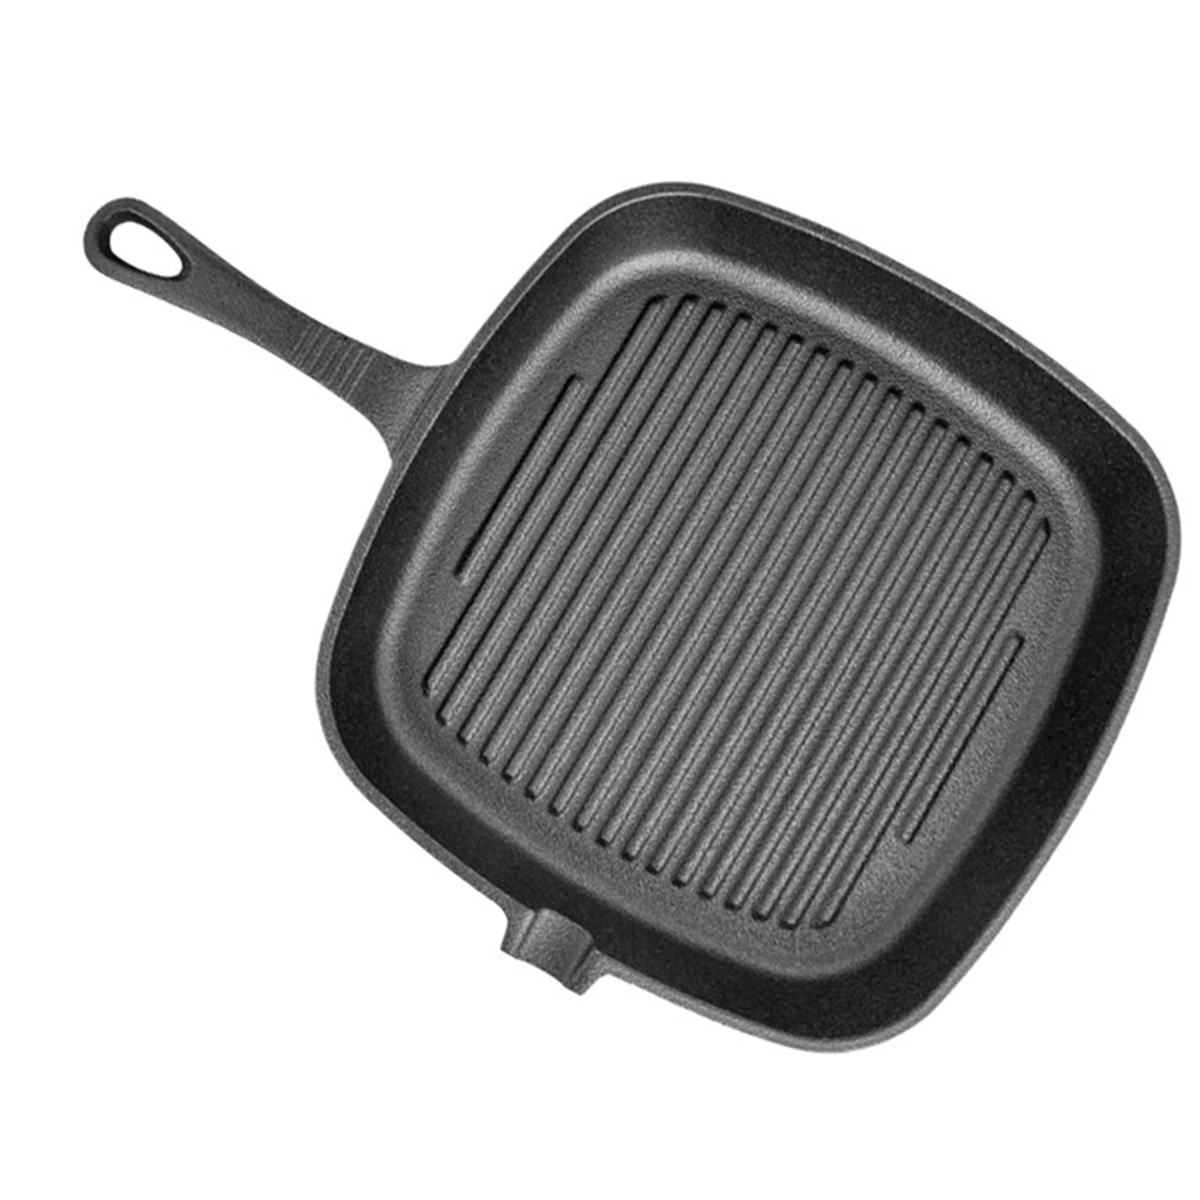 Poêle à frire en fonte antiadhésive 24X24 cm plaque de cuisson multifonction barbecue cuisson cuisson maison cuisine cuisinière outil ustensiles de cuisine noir